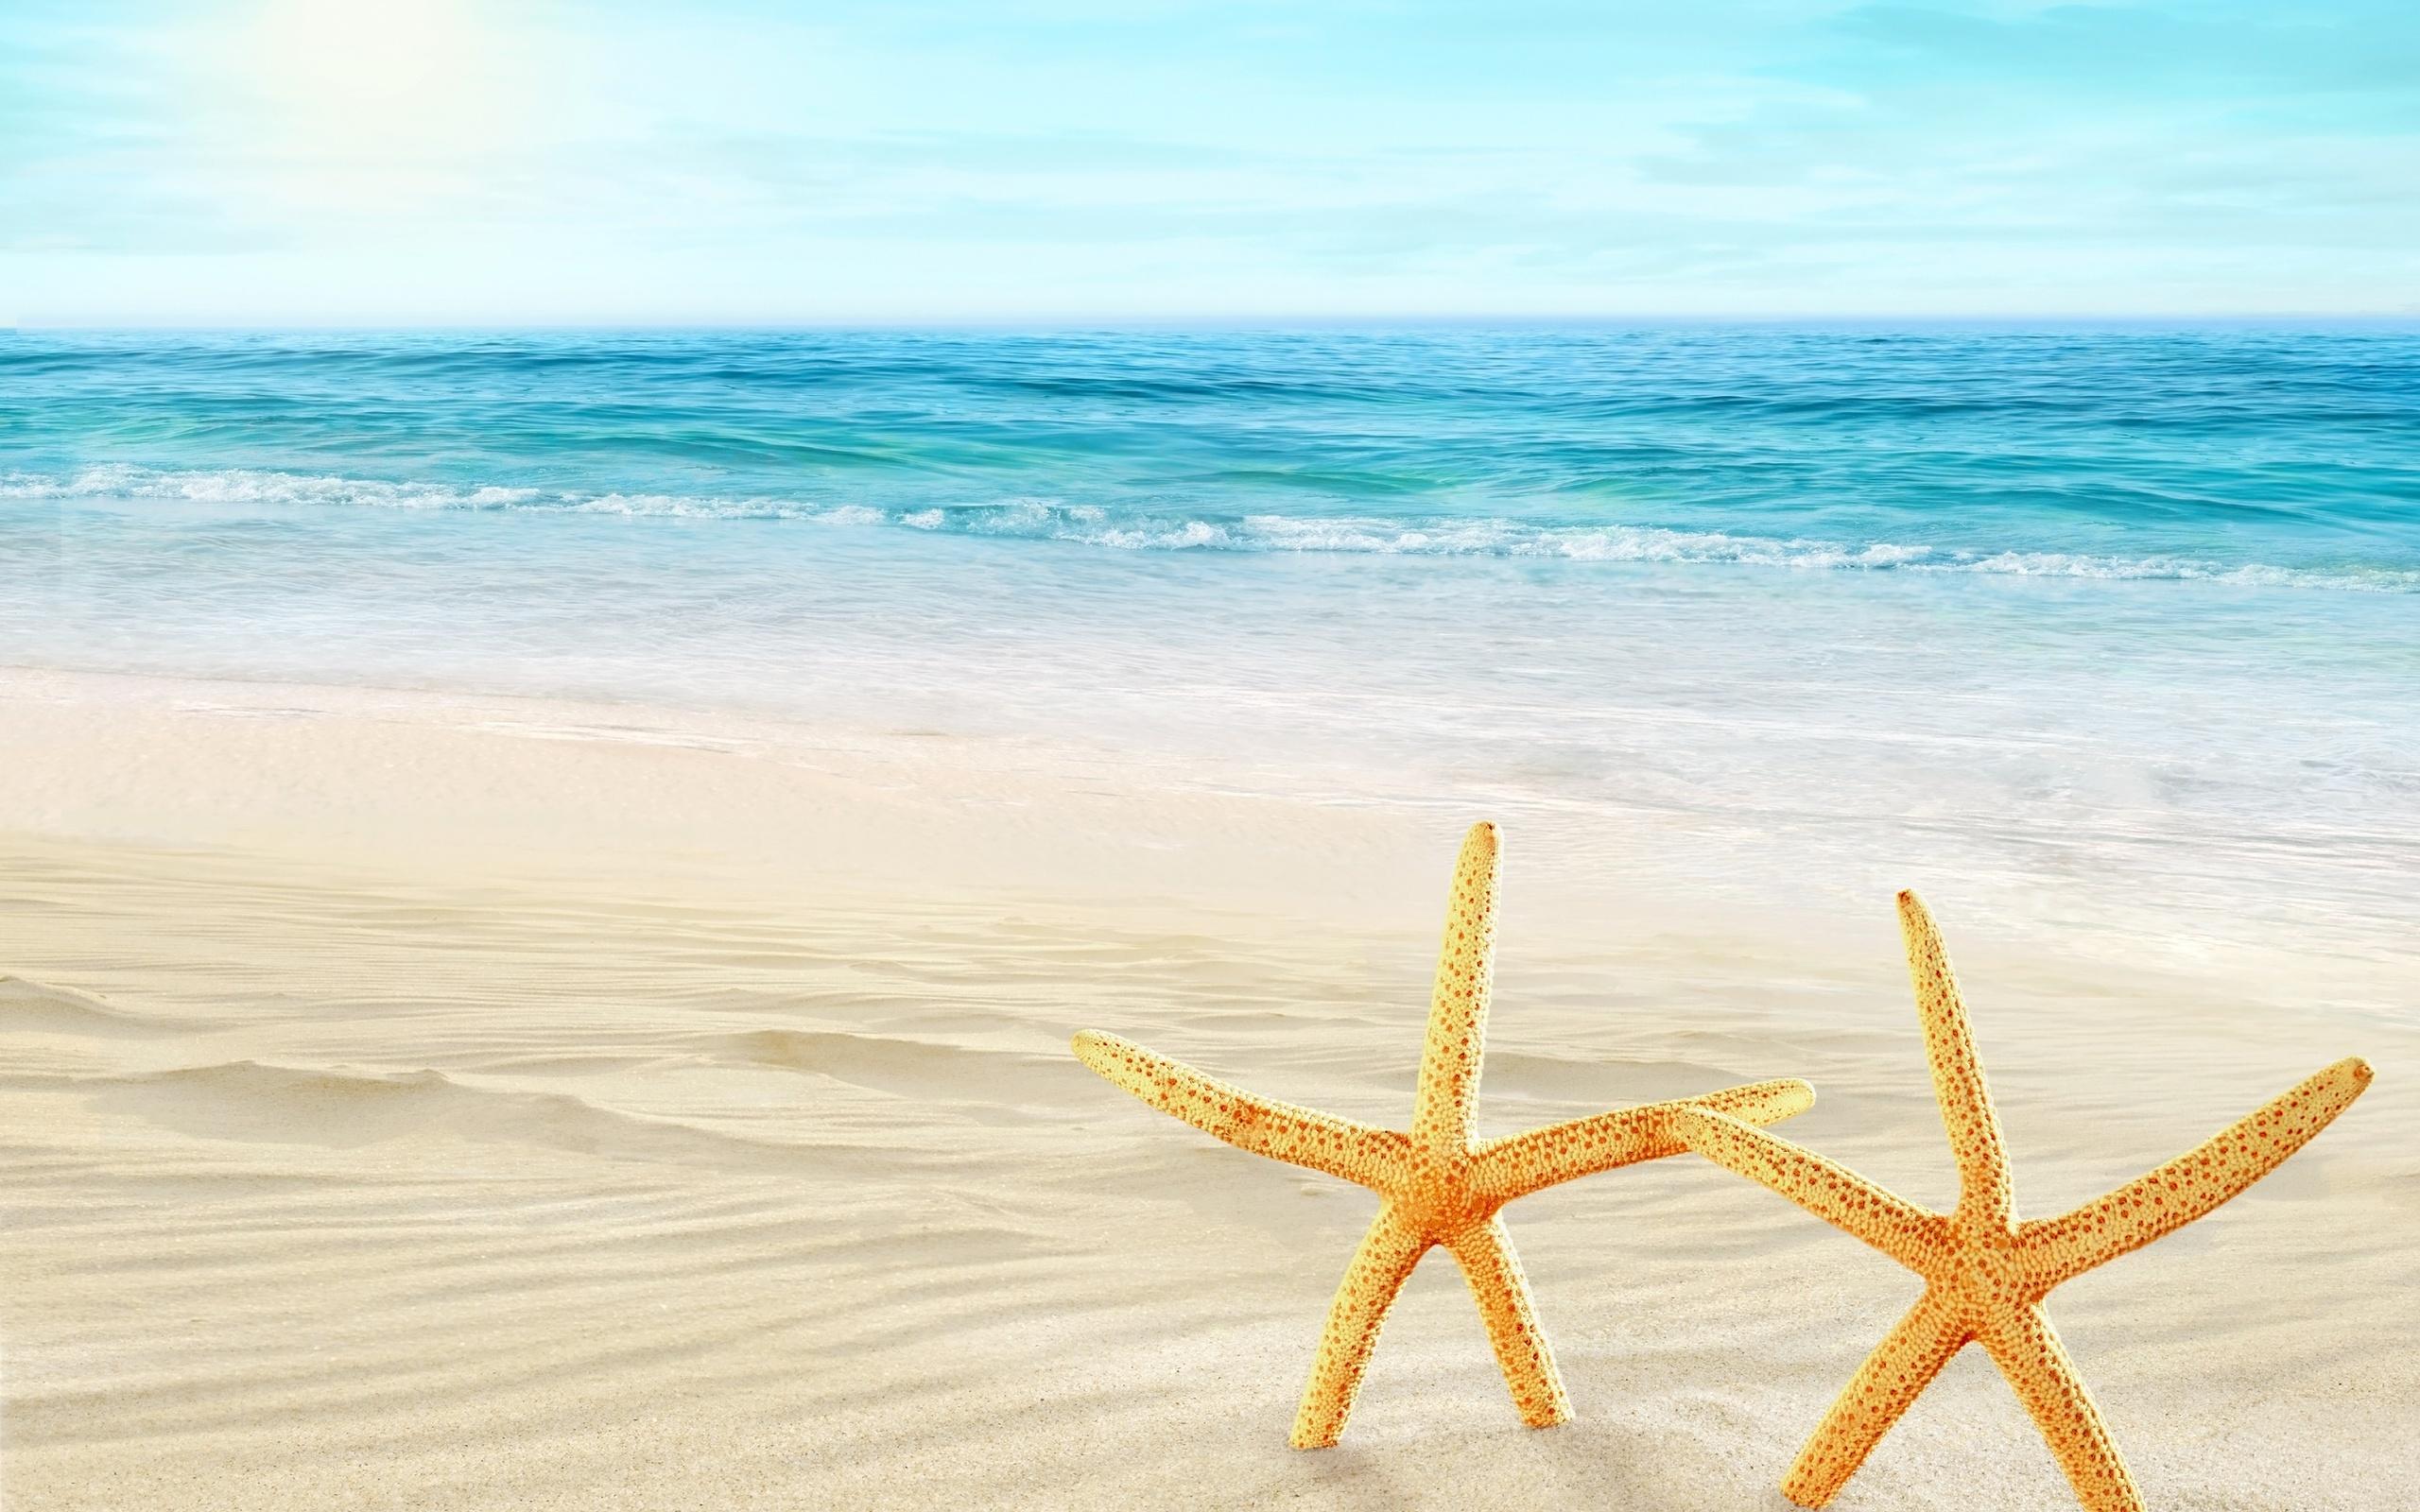 Морские пляжи открытки, снова здравствуйте картинки